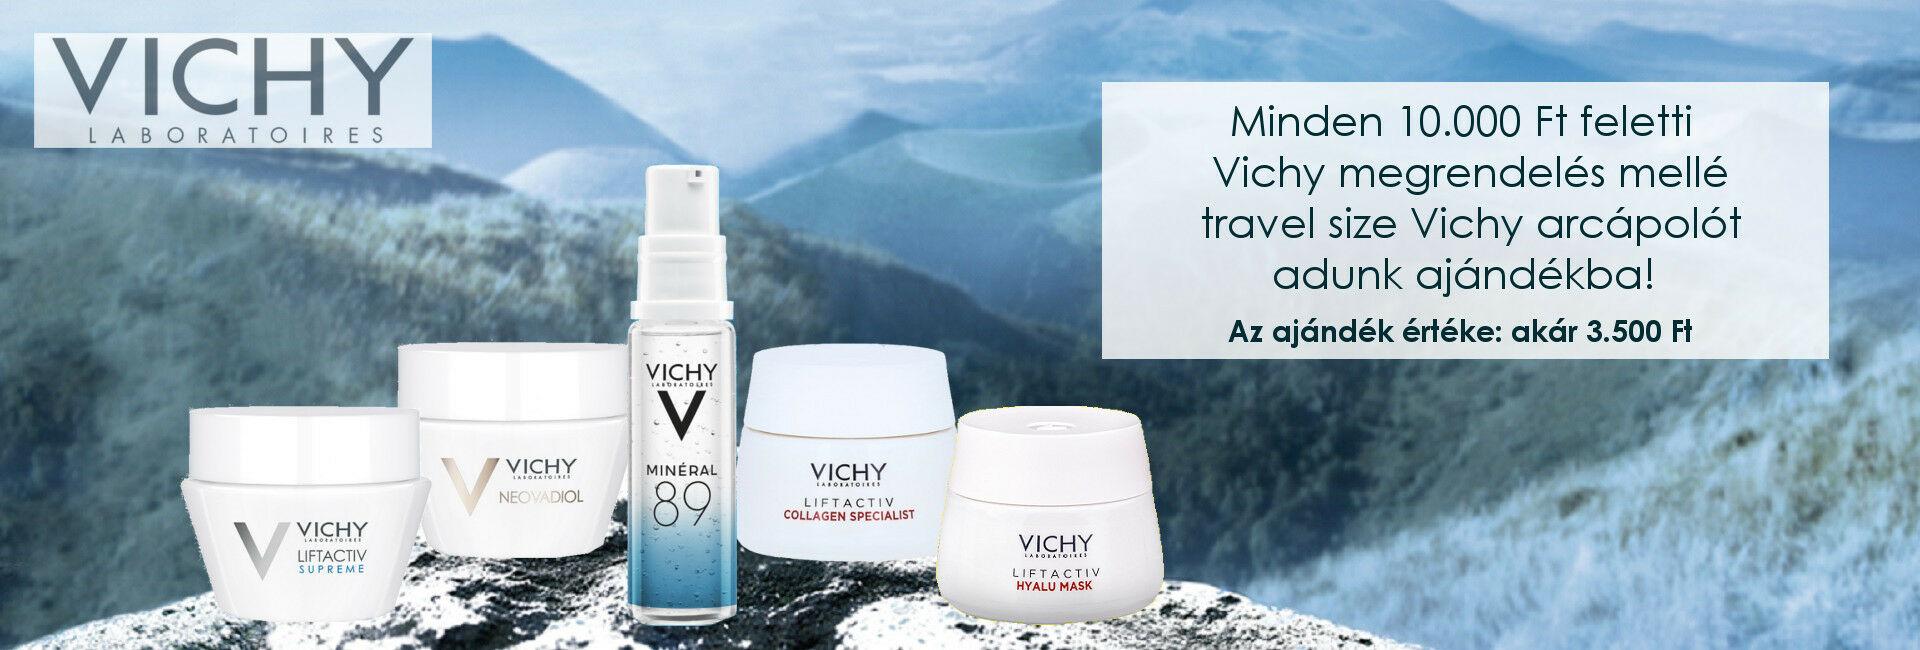 2020. január 30. és február 9. között minden 10.000 Ft feletti Vichy megrendelés mellé travel size Vichy arcápolót adunk ajándékba!